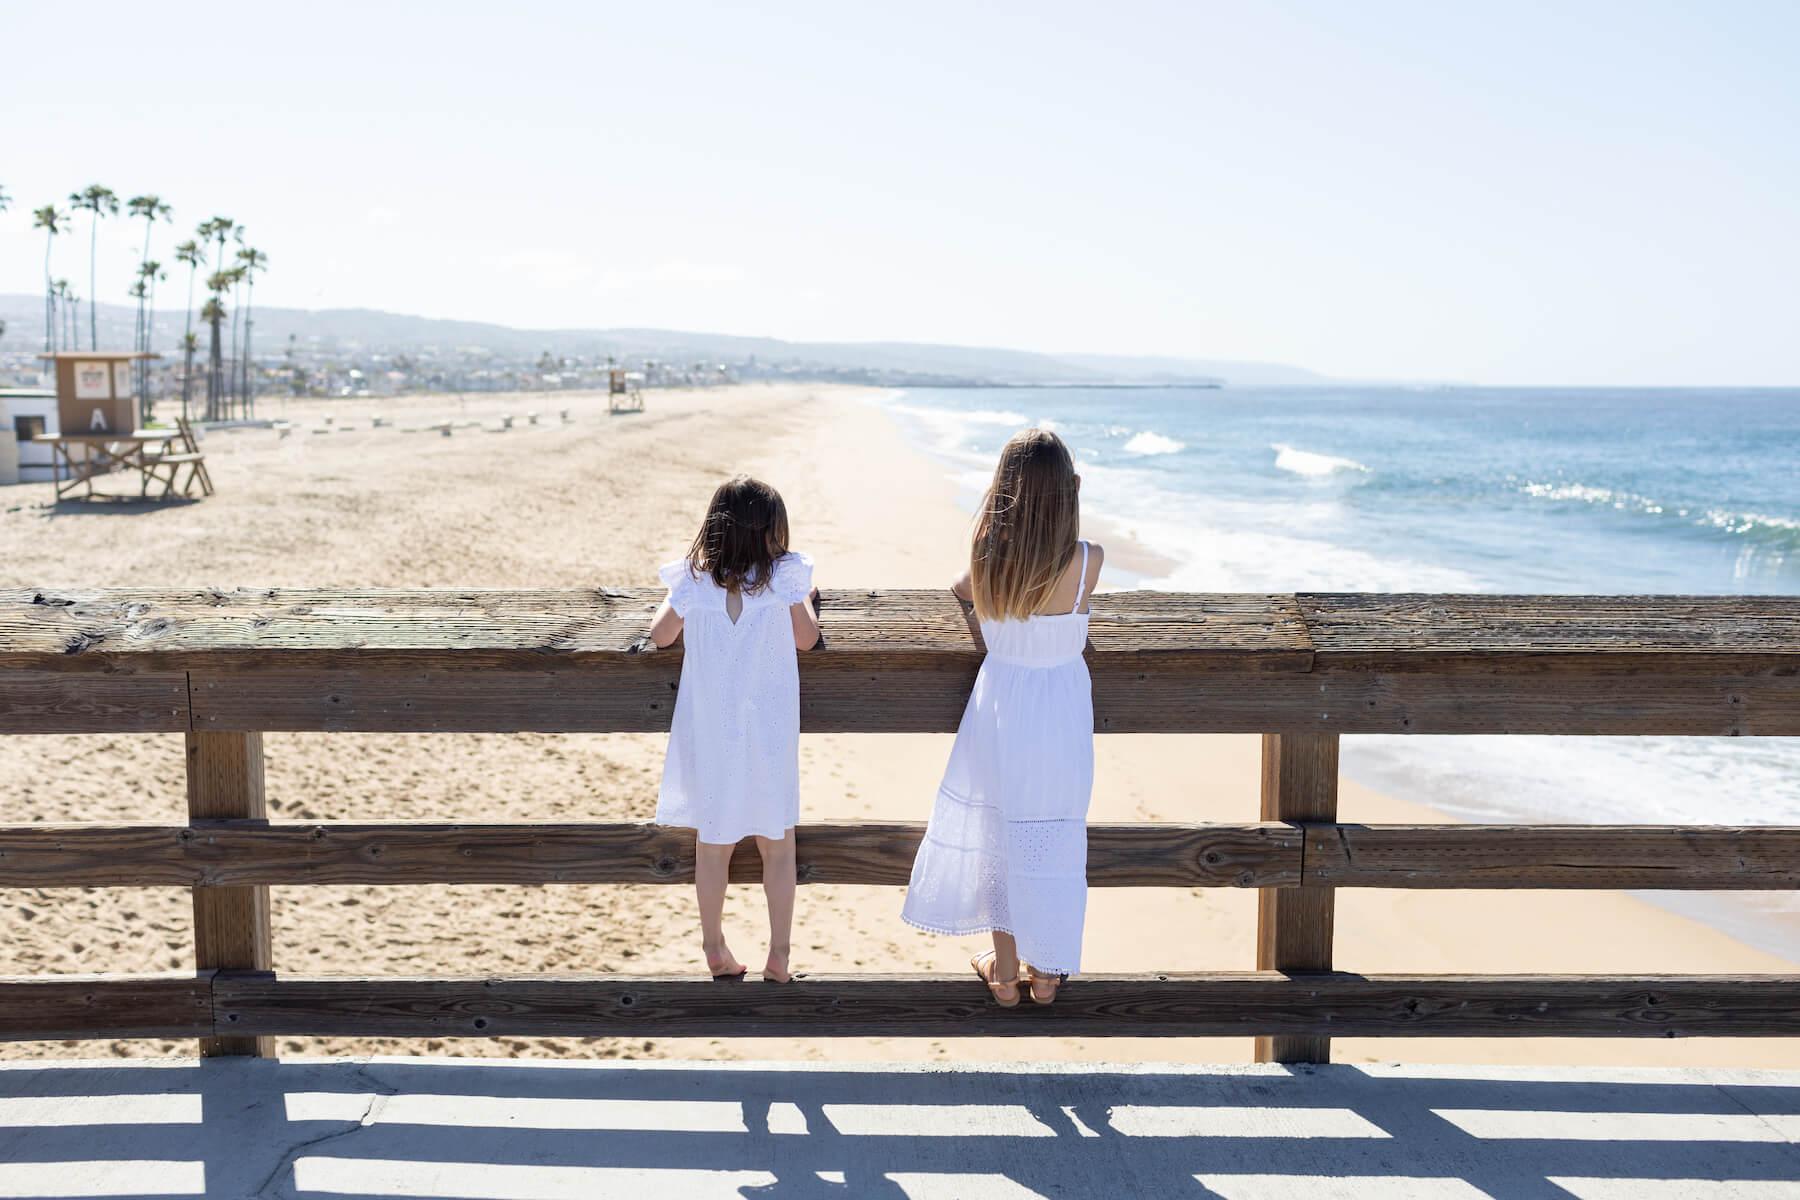 newport-beach-05-28-2019-family-trip-26_original